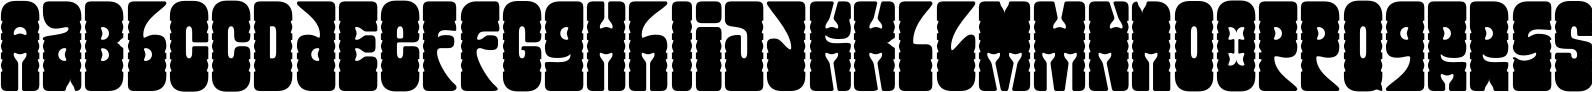 Slotrip